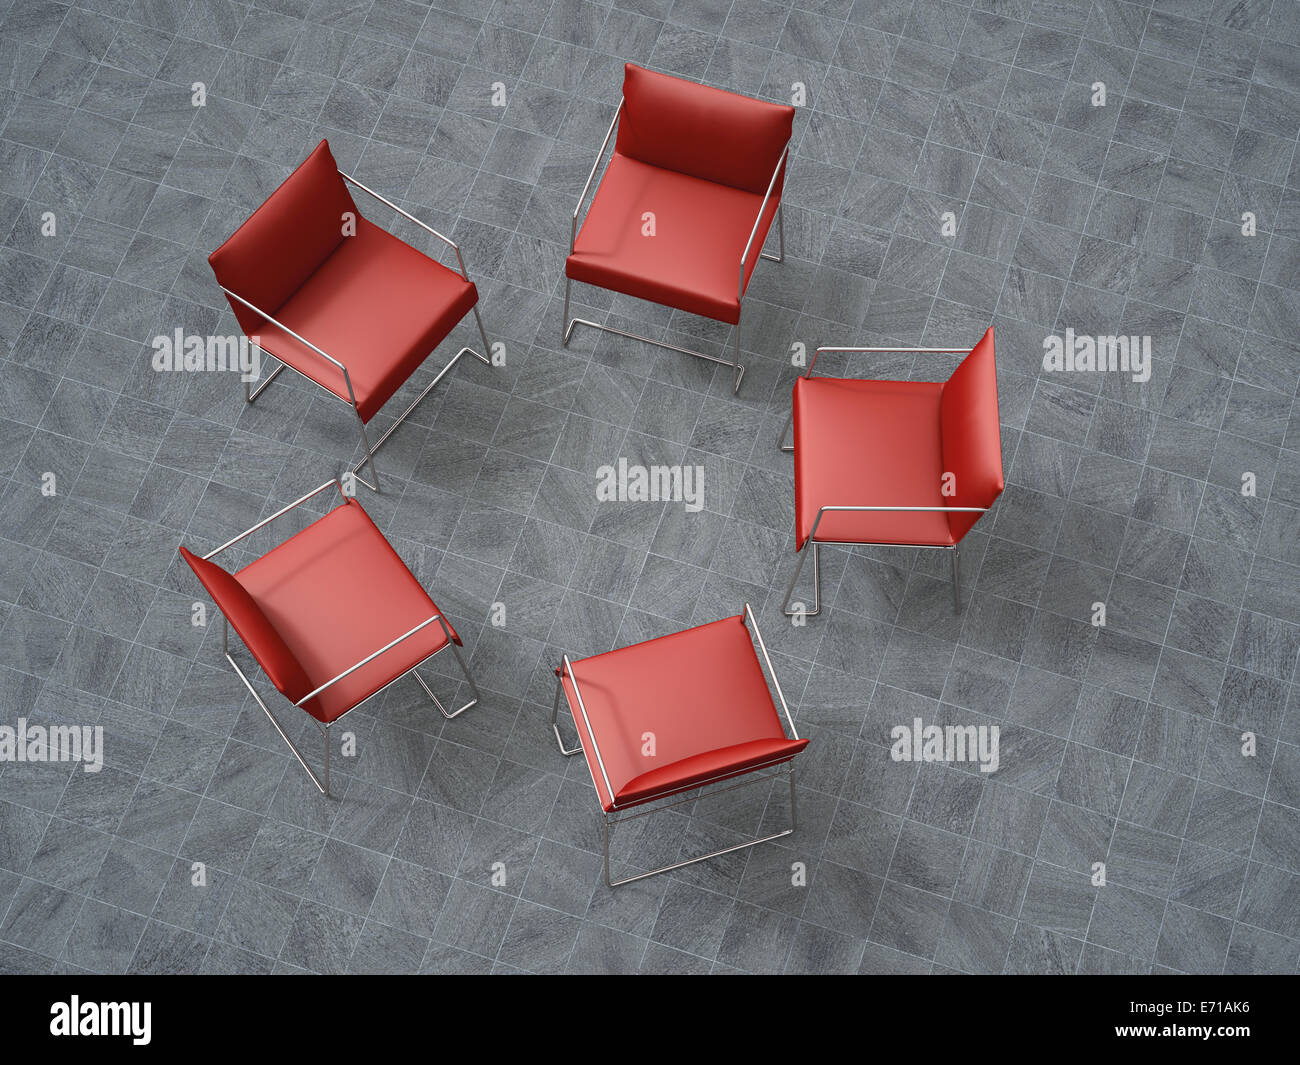 3D-Rendering, fünf rote Stühle in einem Kreis Stockbild